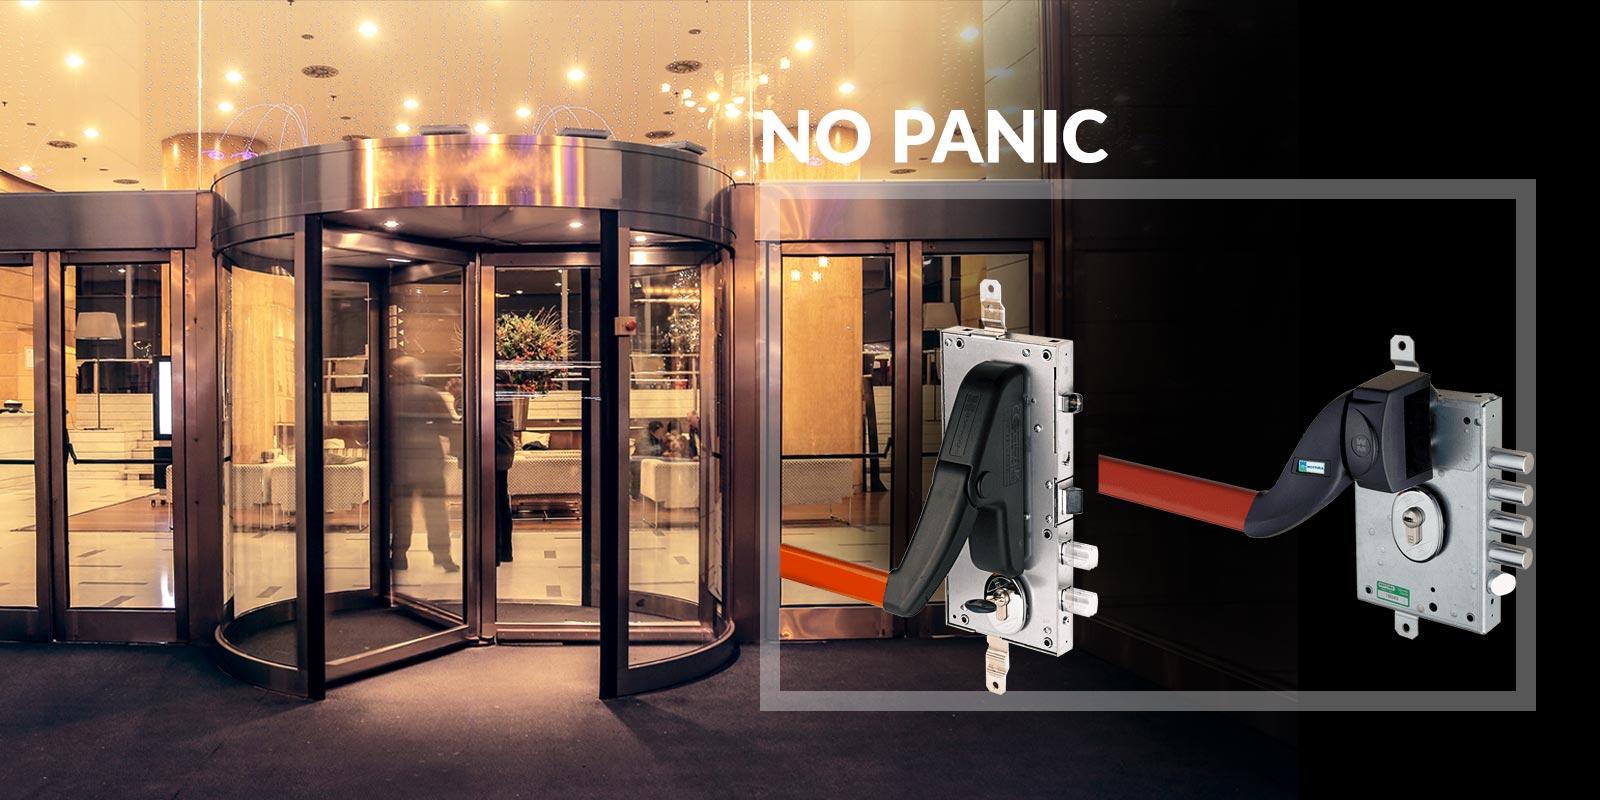 Podella Porte - Porta blindata LERICI No Panic